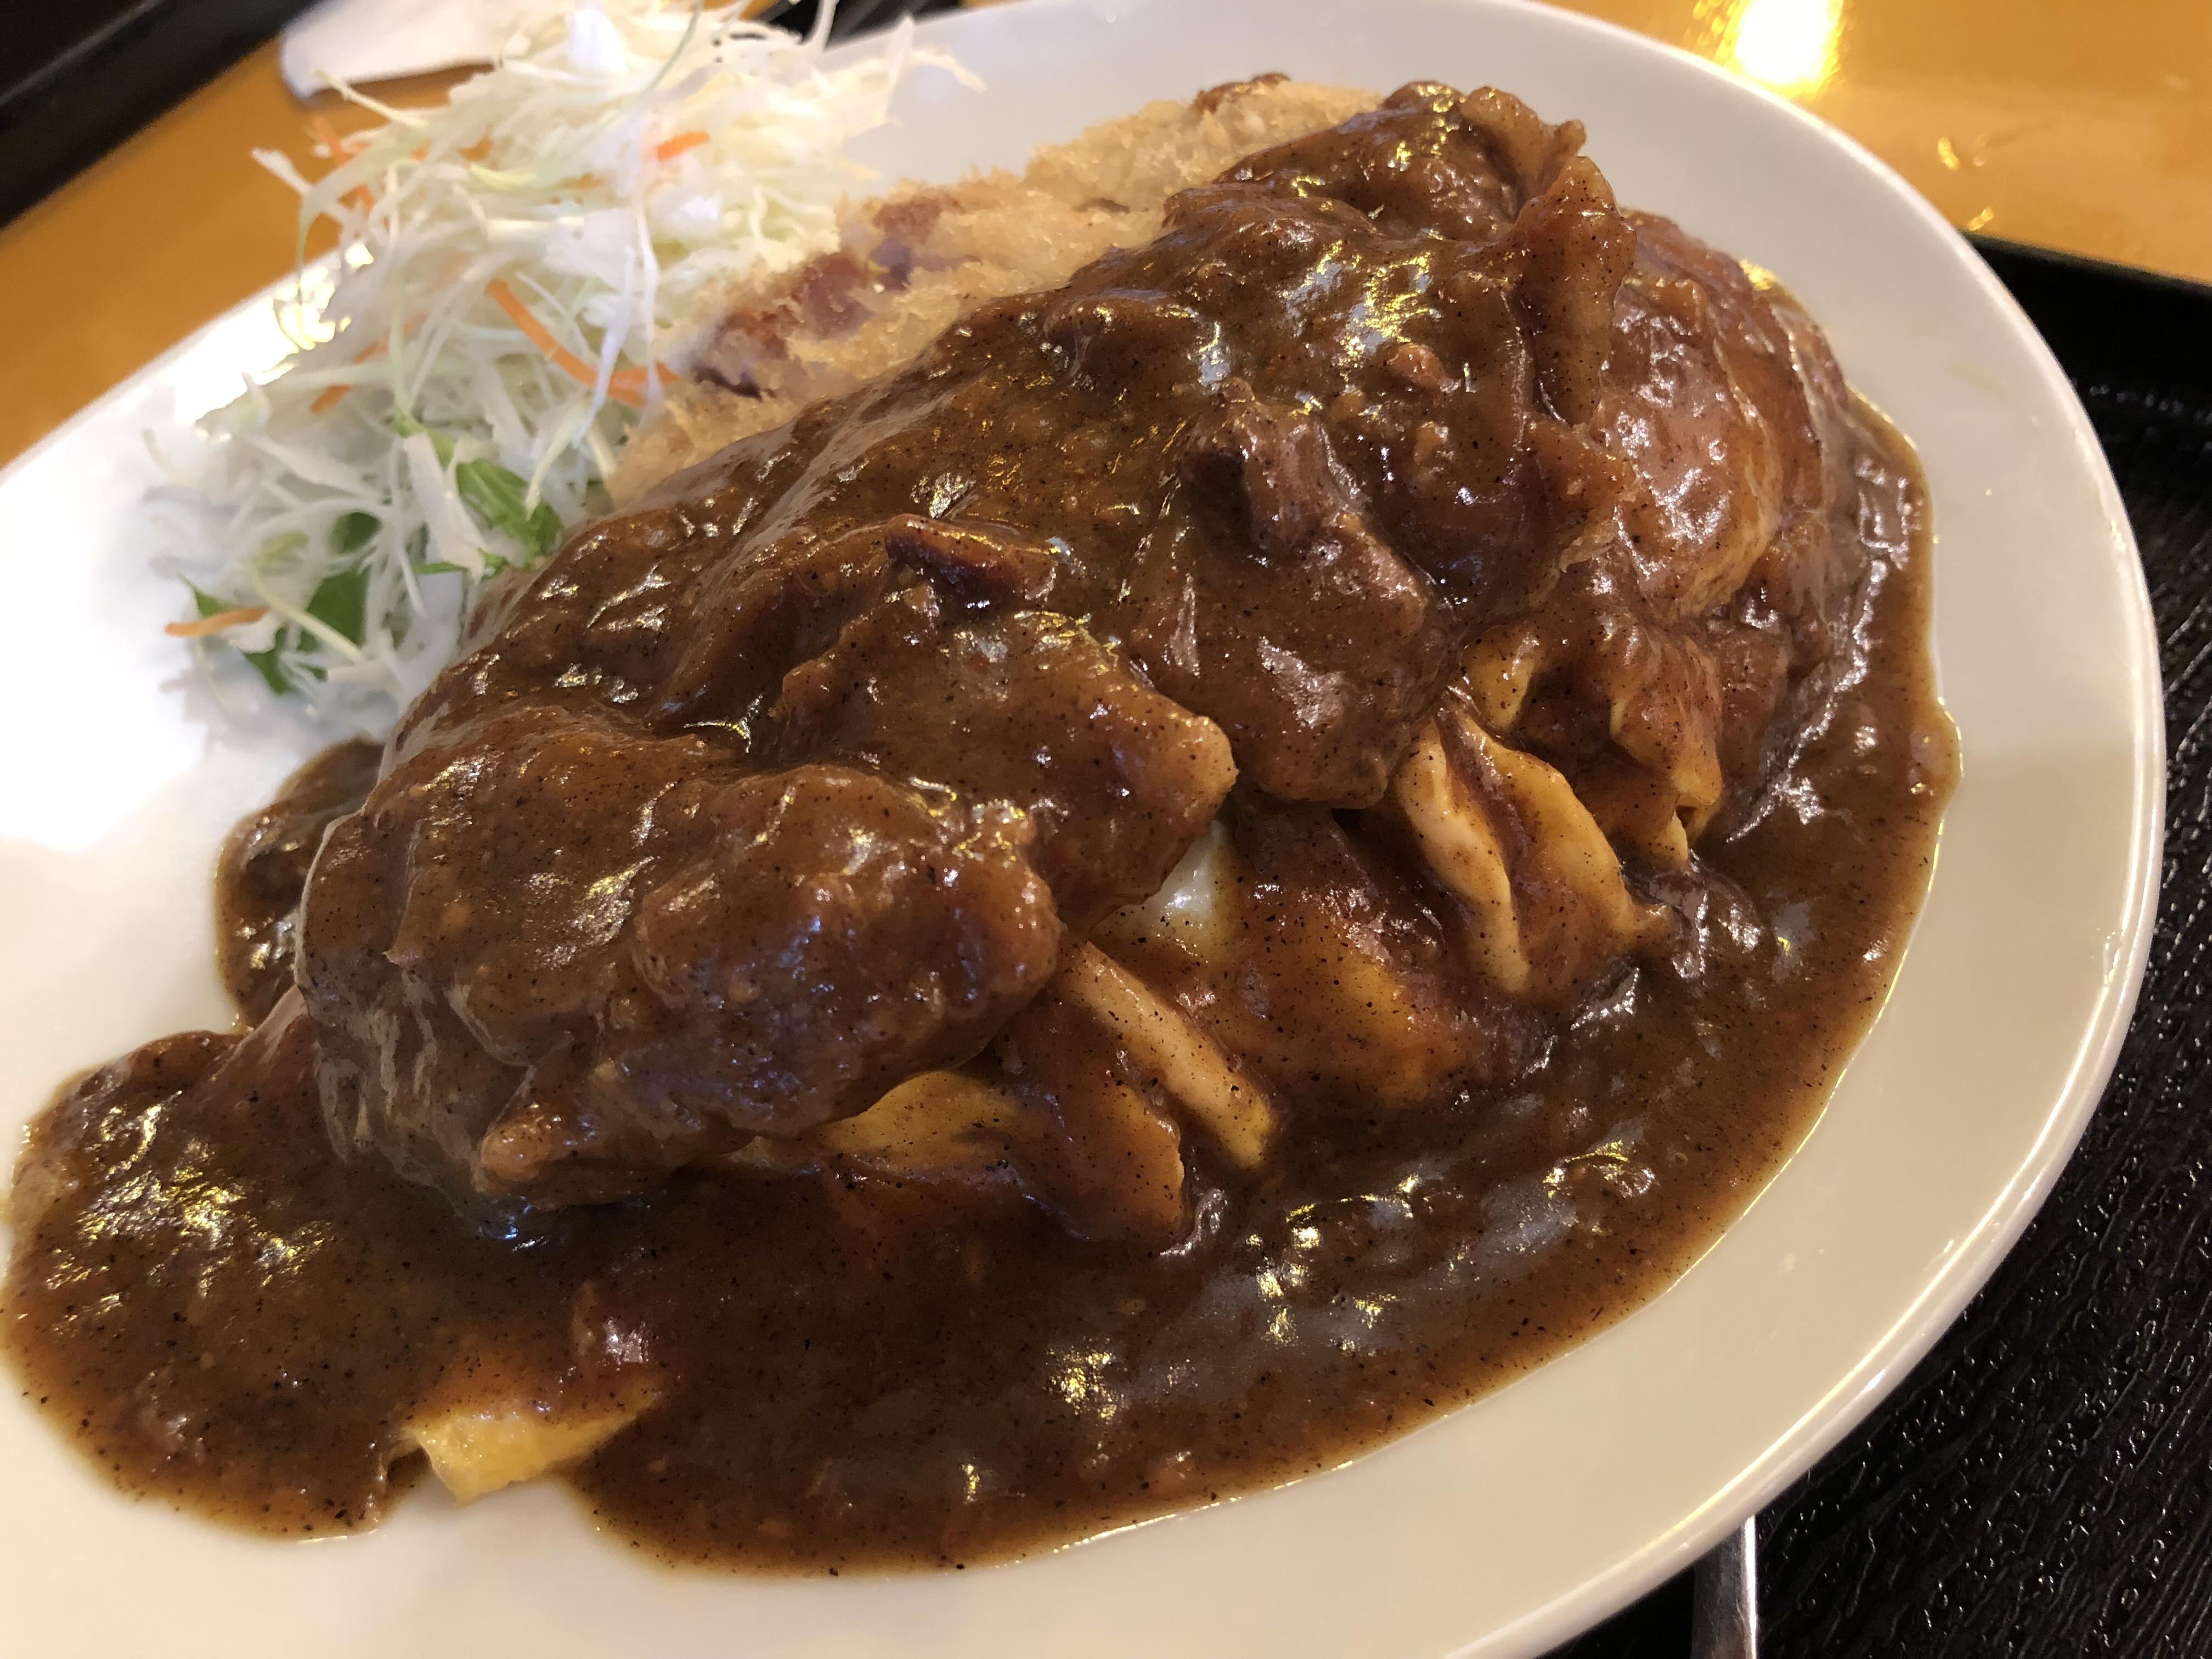 ボルガライス(カレーかけ)